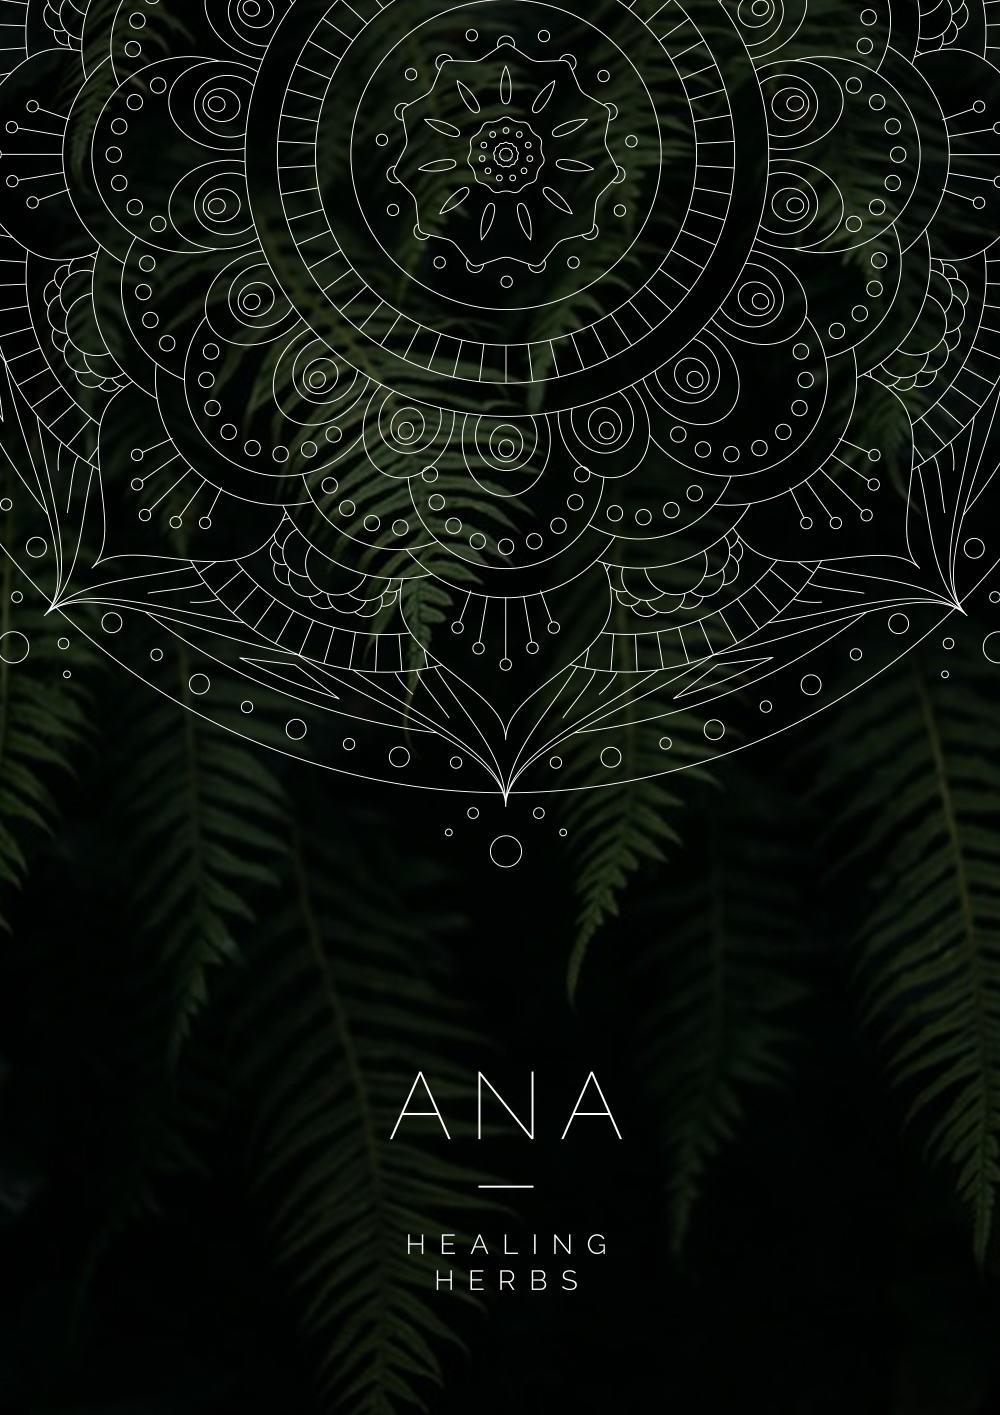 Kinlake-Ana-Herb-Branding-Poster